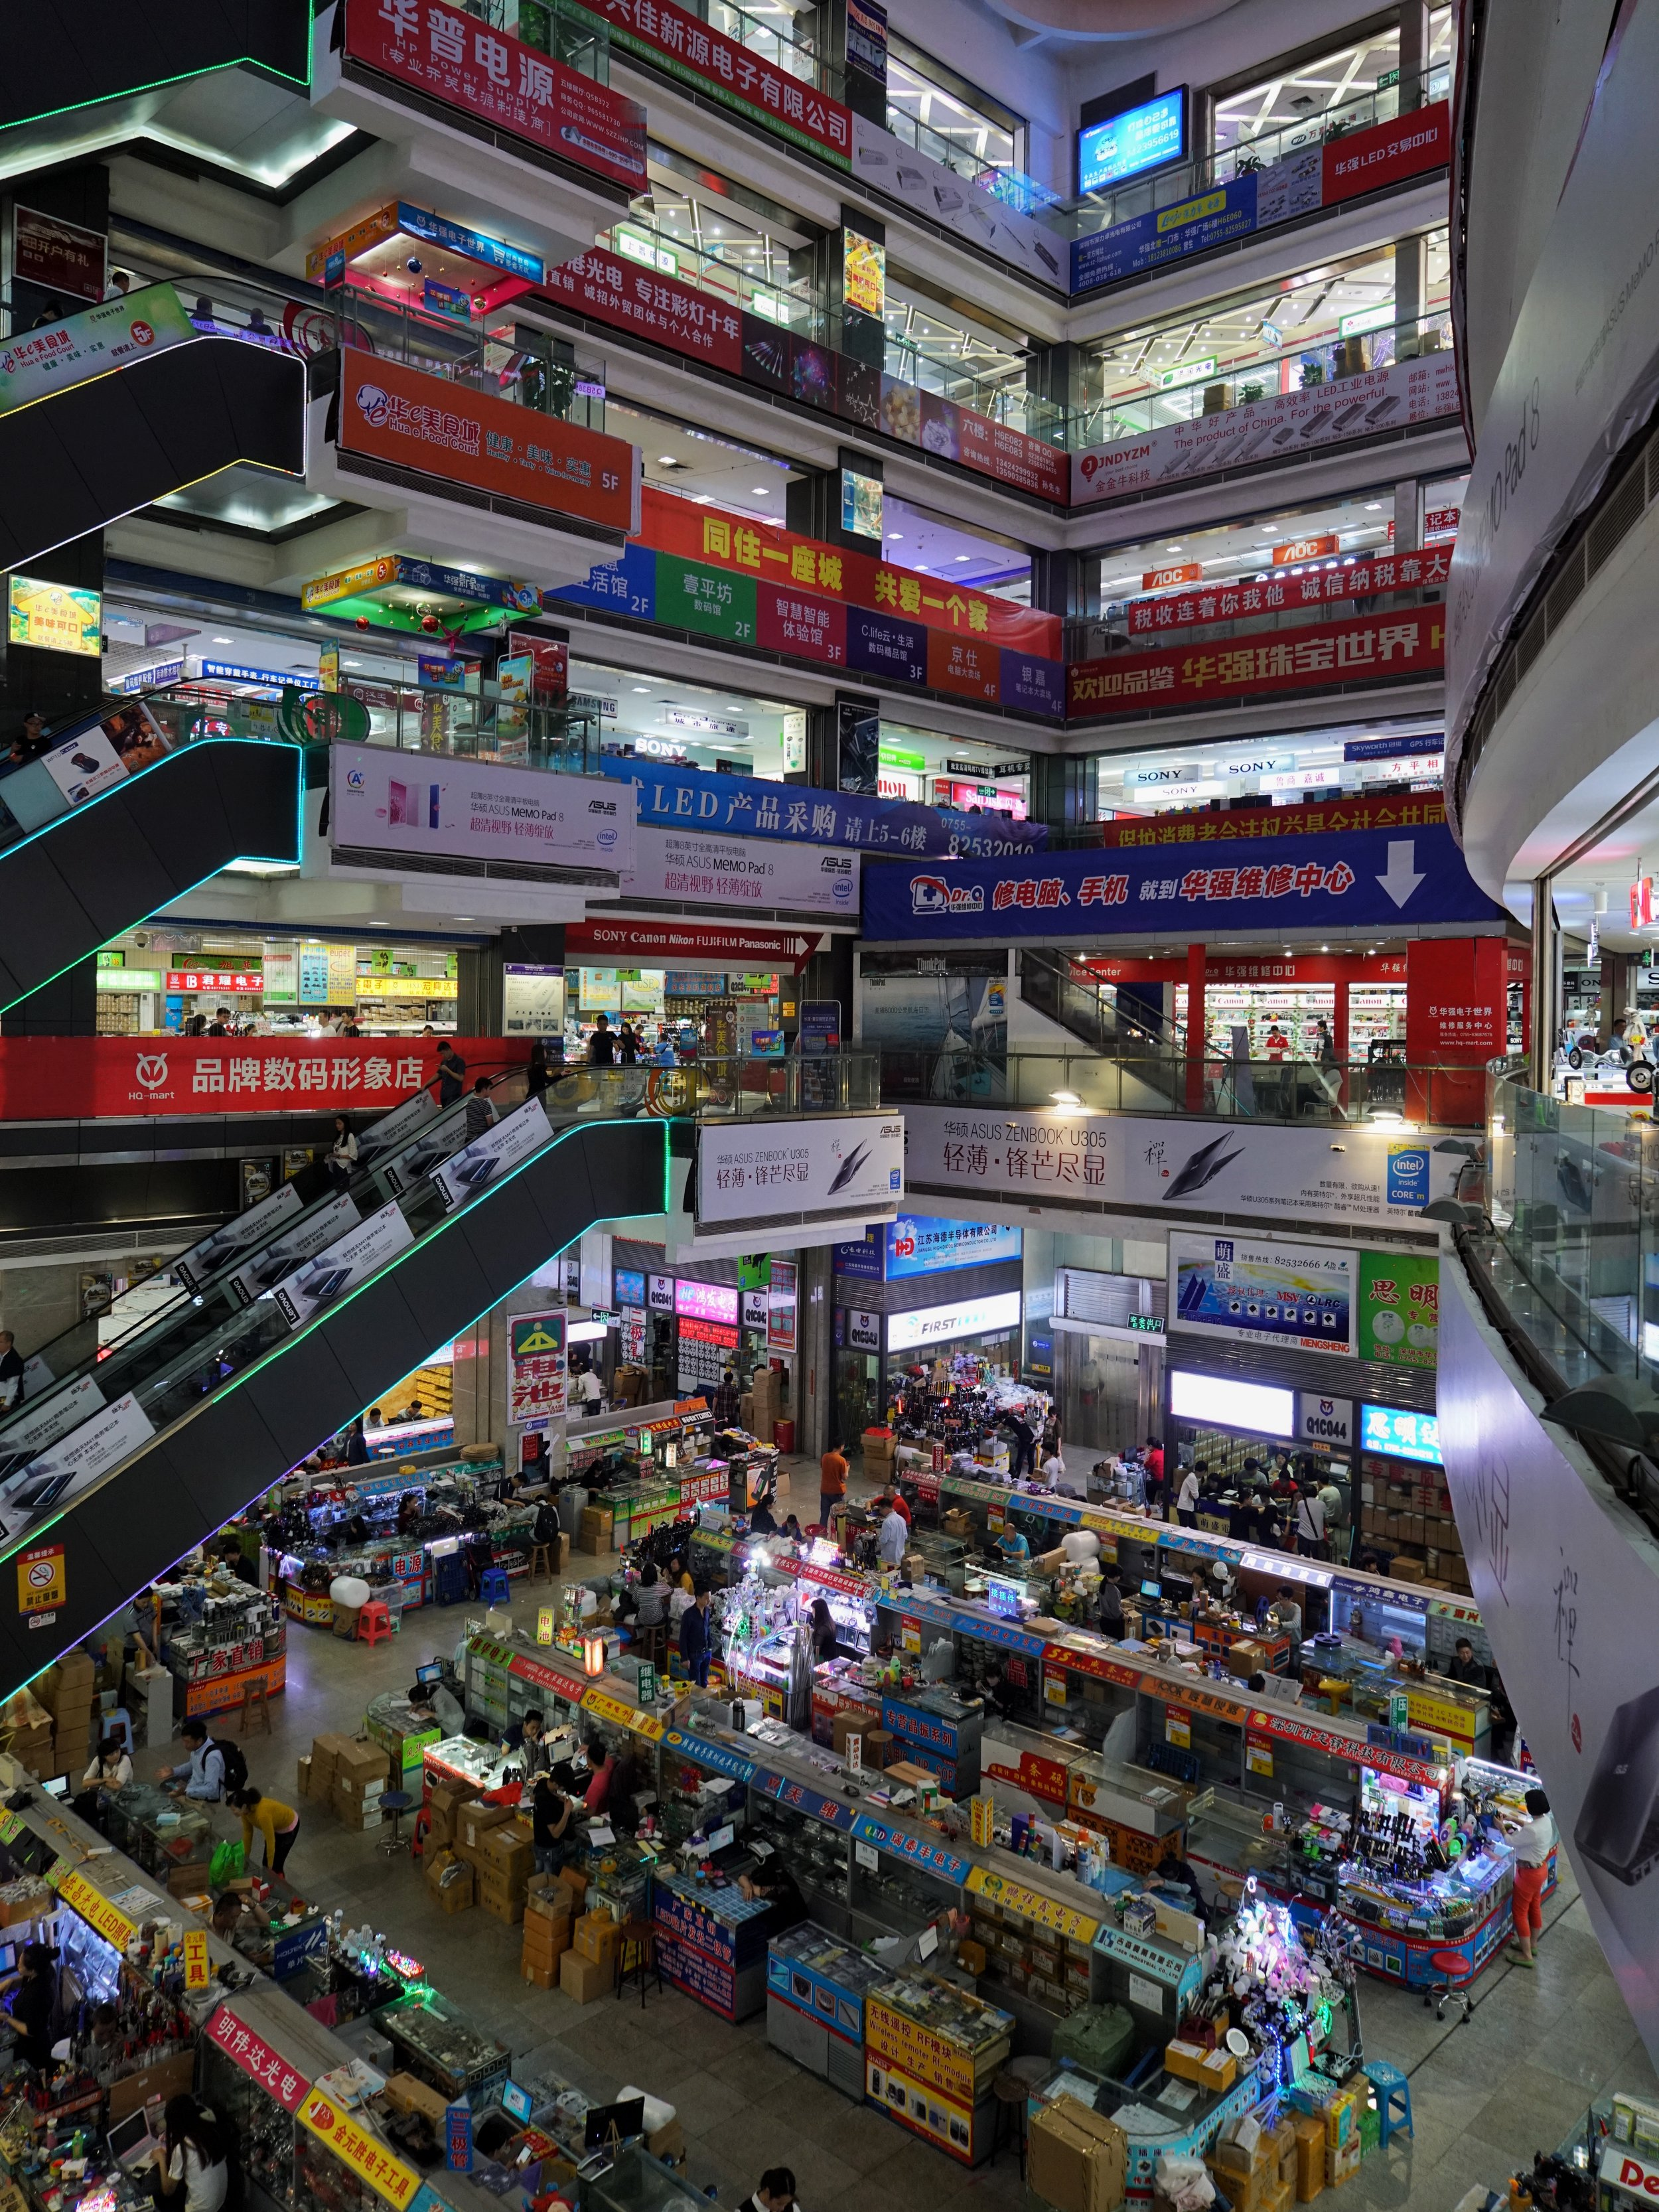 10-Shenzhen-interior.jpg